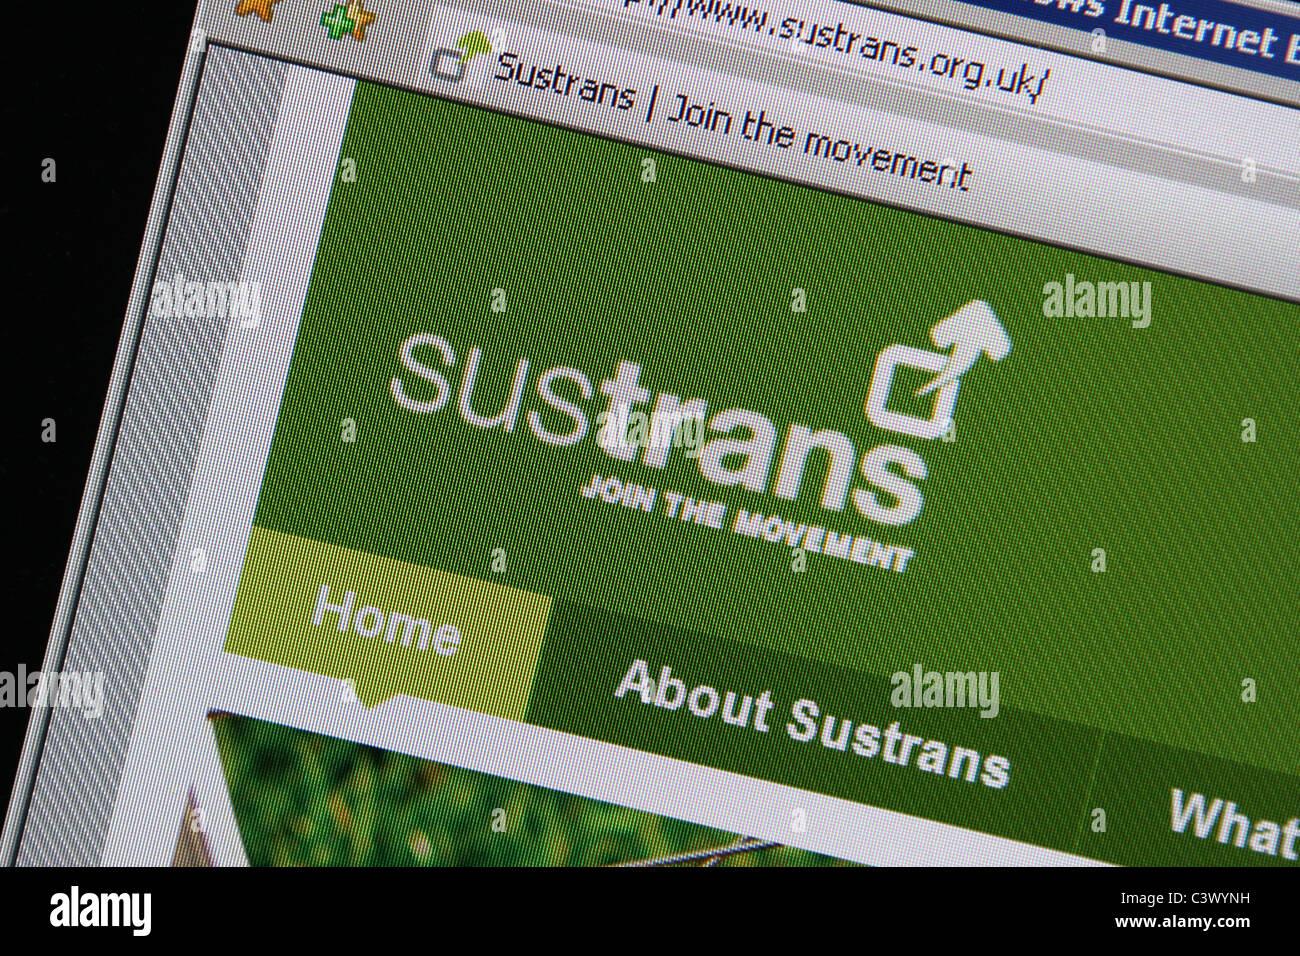 sustrans website sustainable transportation uk - Stock Image